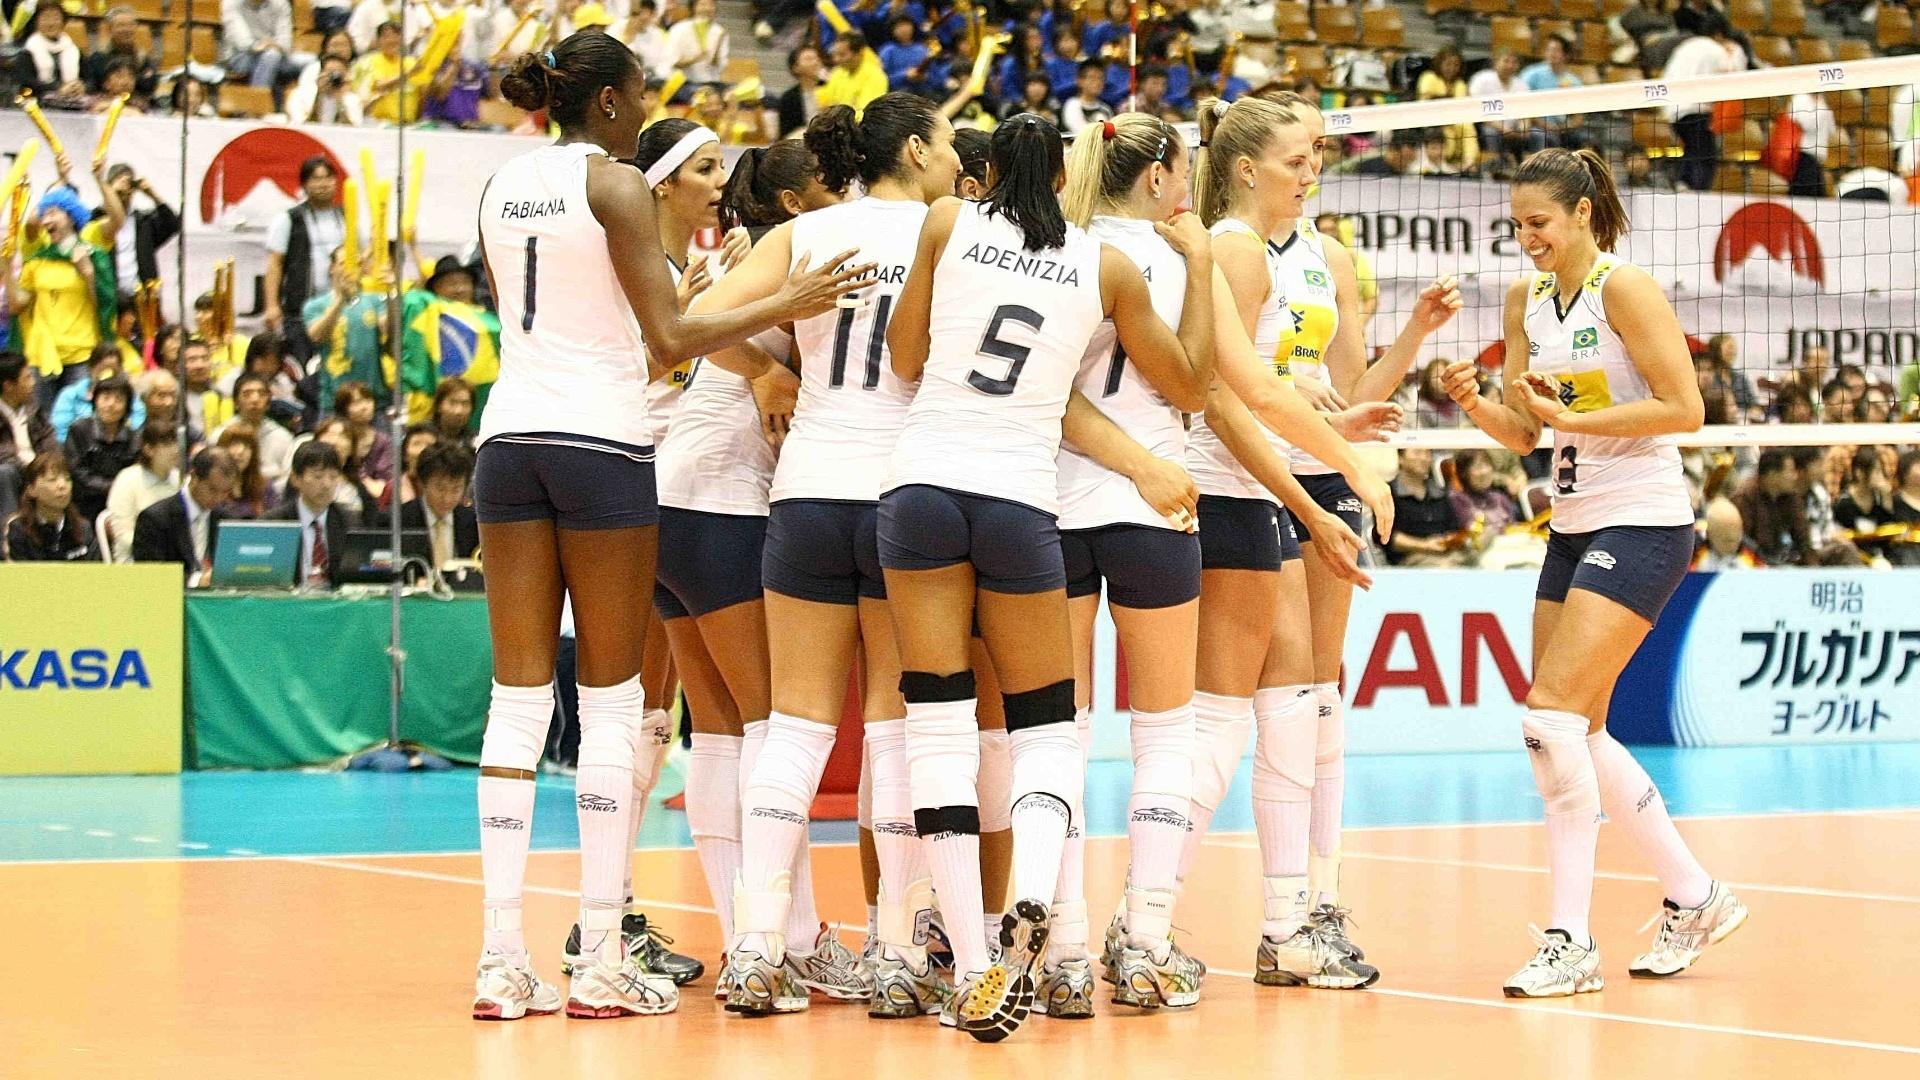 Jogadoras da seleção brasileira de vôlei comemoram a vitória contra a Alemanha pela Copa do Mundo de vôlei (06/11/11)